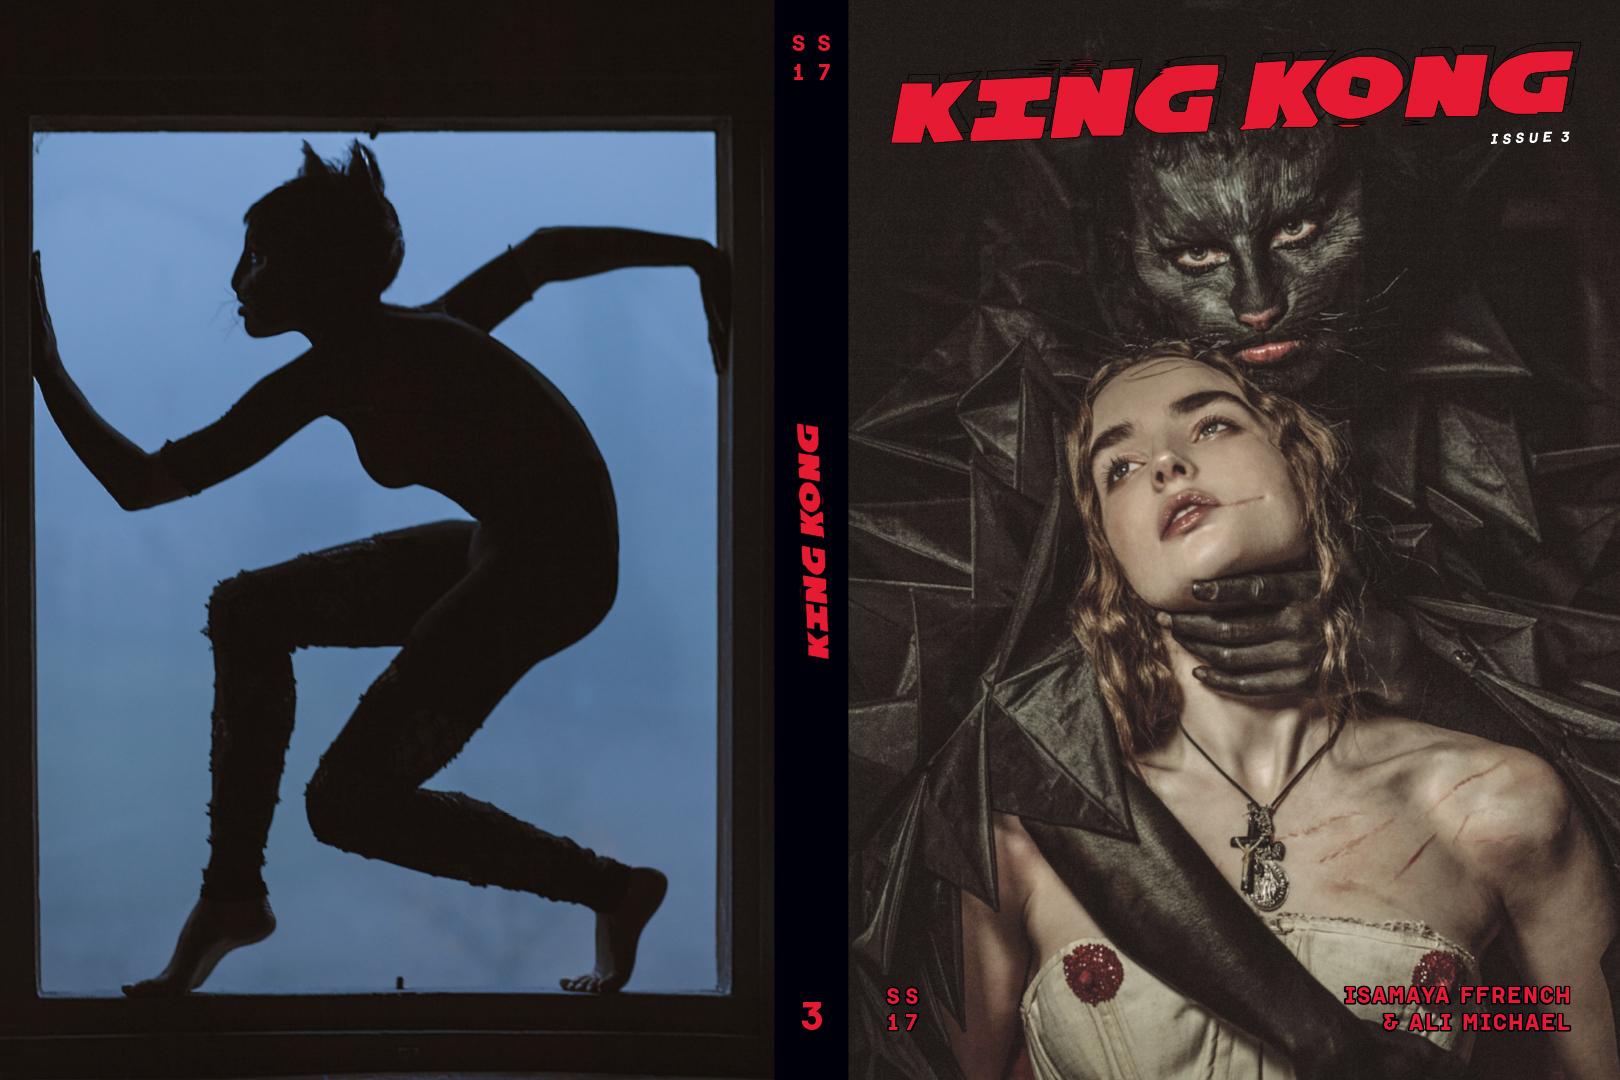 King Kong Magazine